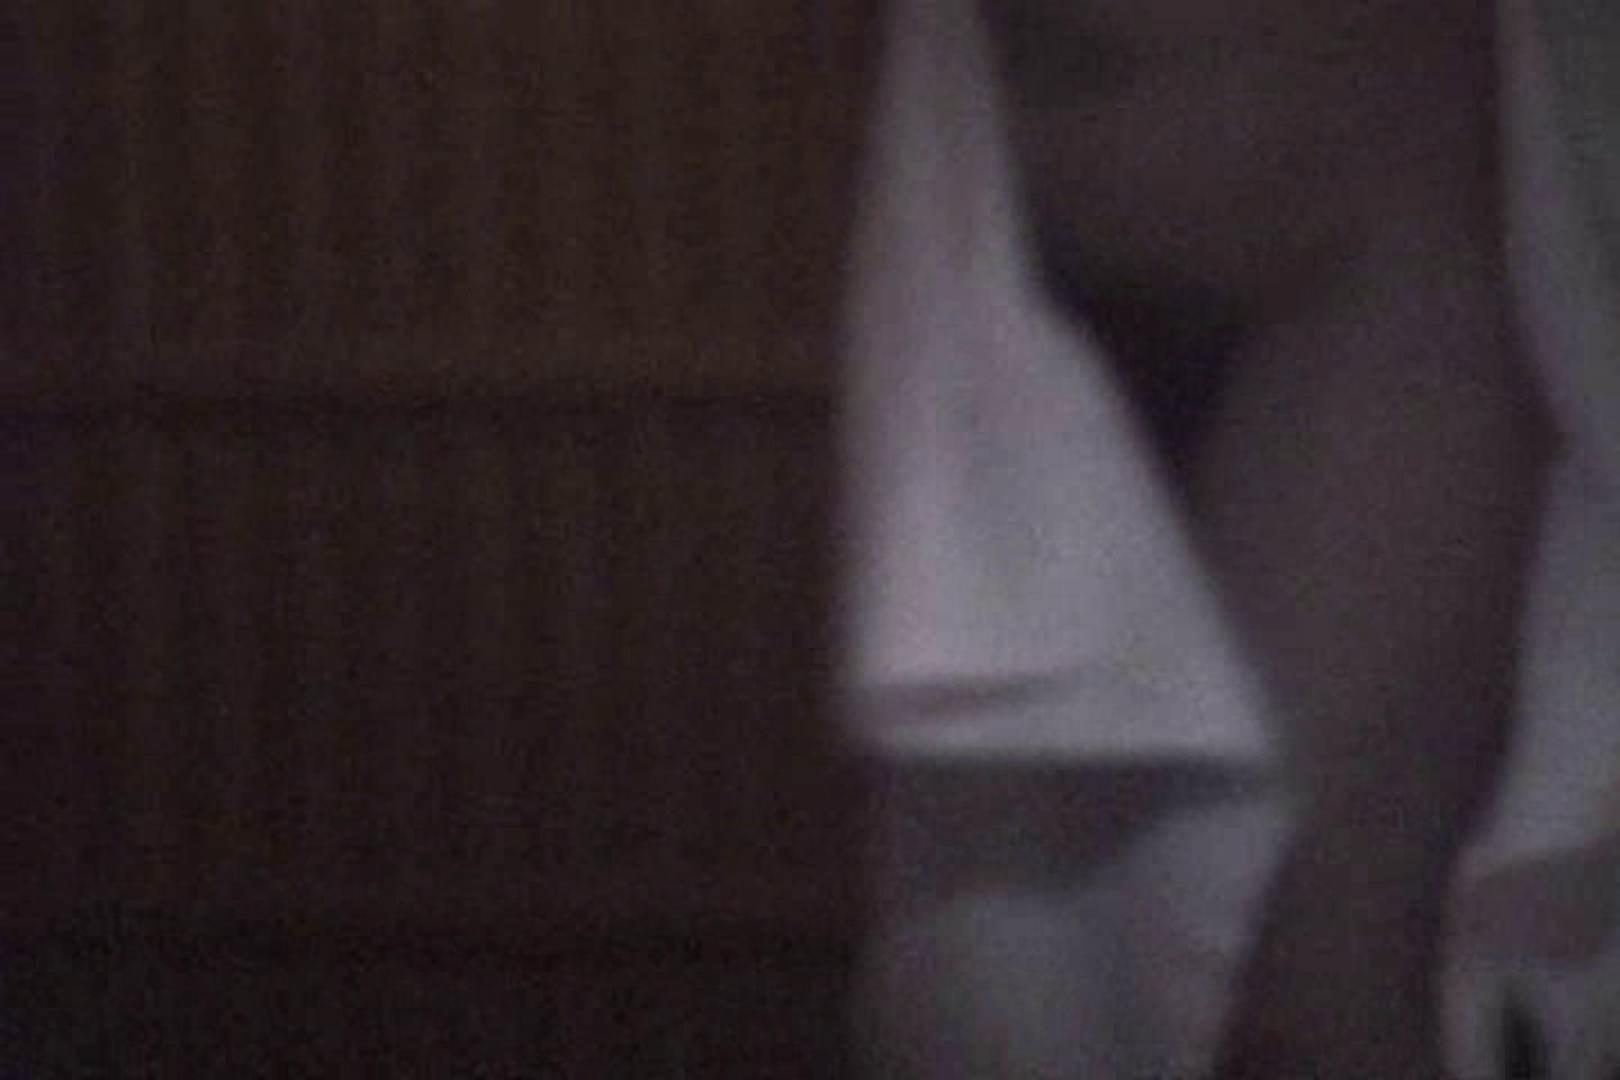 深夜の撮影会Vol.3 お姉さん | 接写  53pic 37